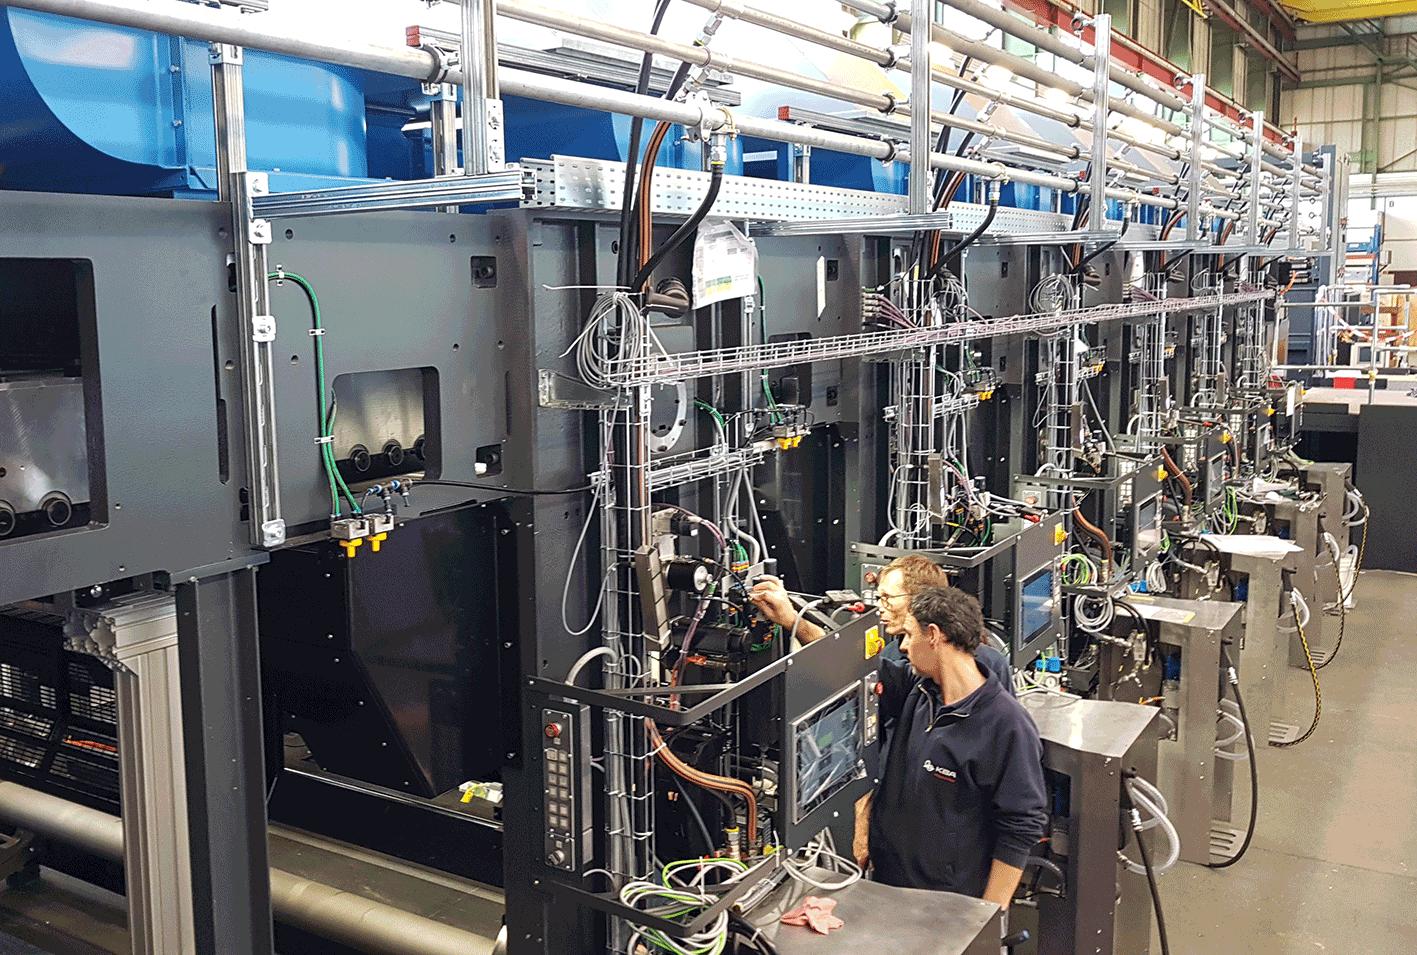 Die CorruCUT wird ab August im Klingele Werk Delmenhorst montiert und in Betrieb genommen.